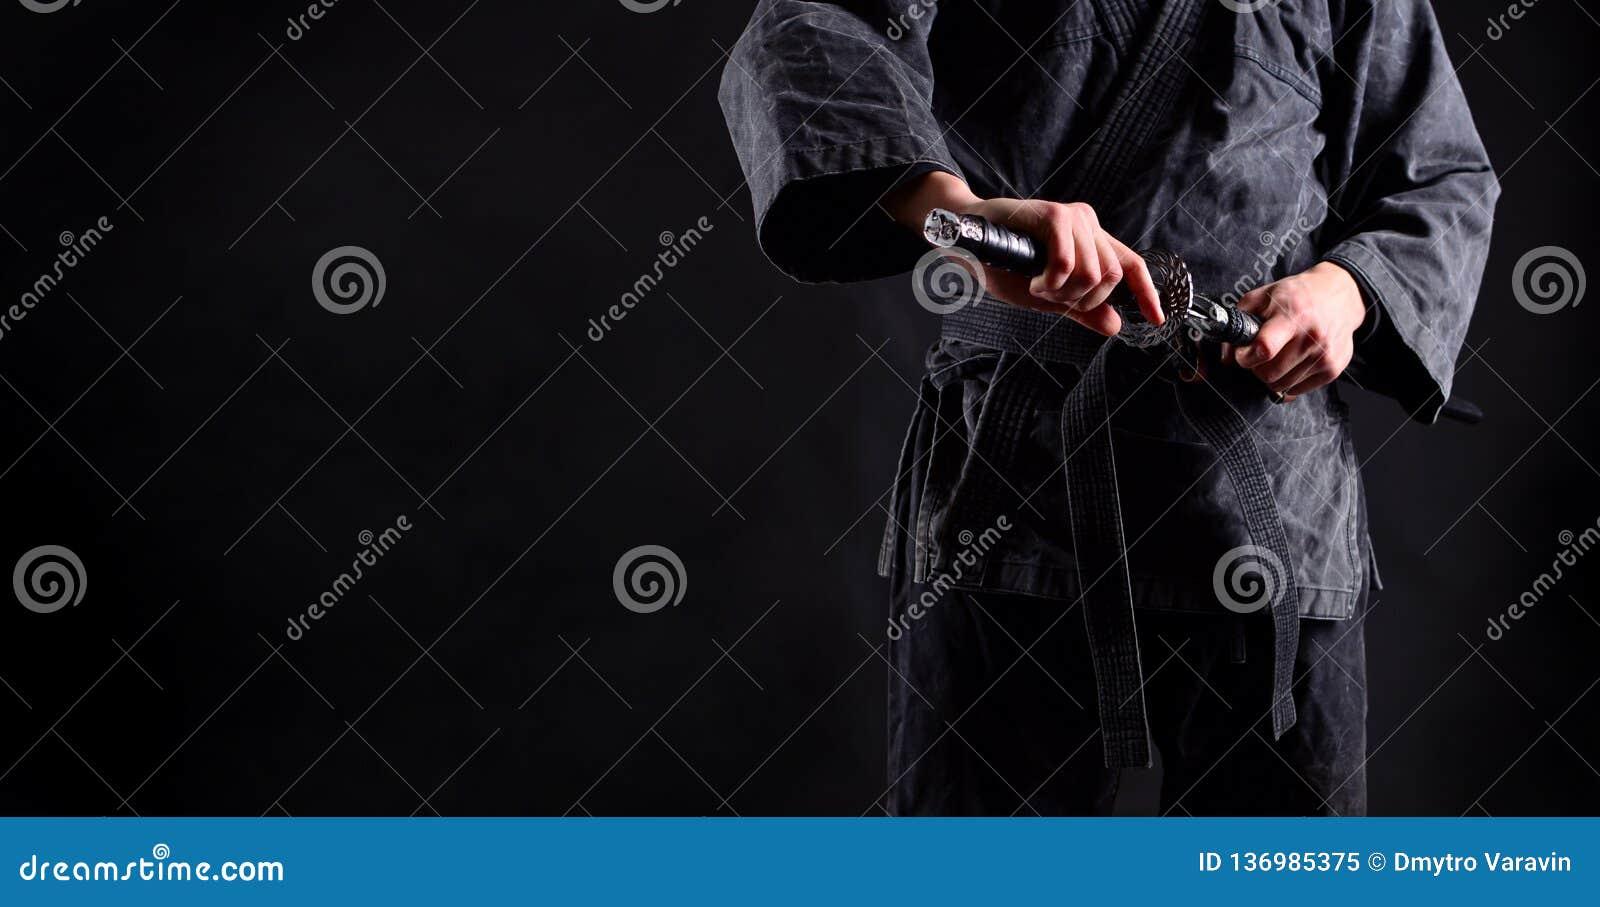 Sztandar z ninja, samuraj